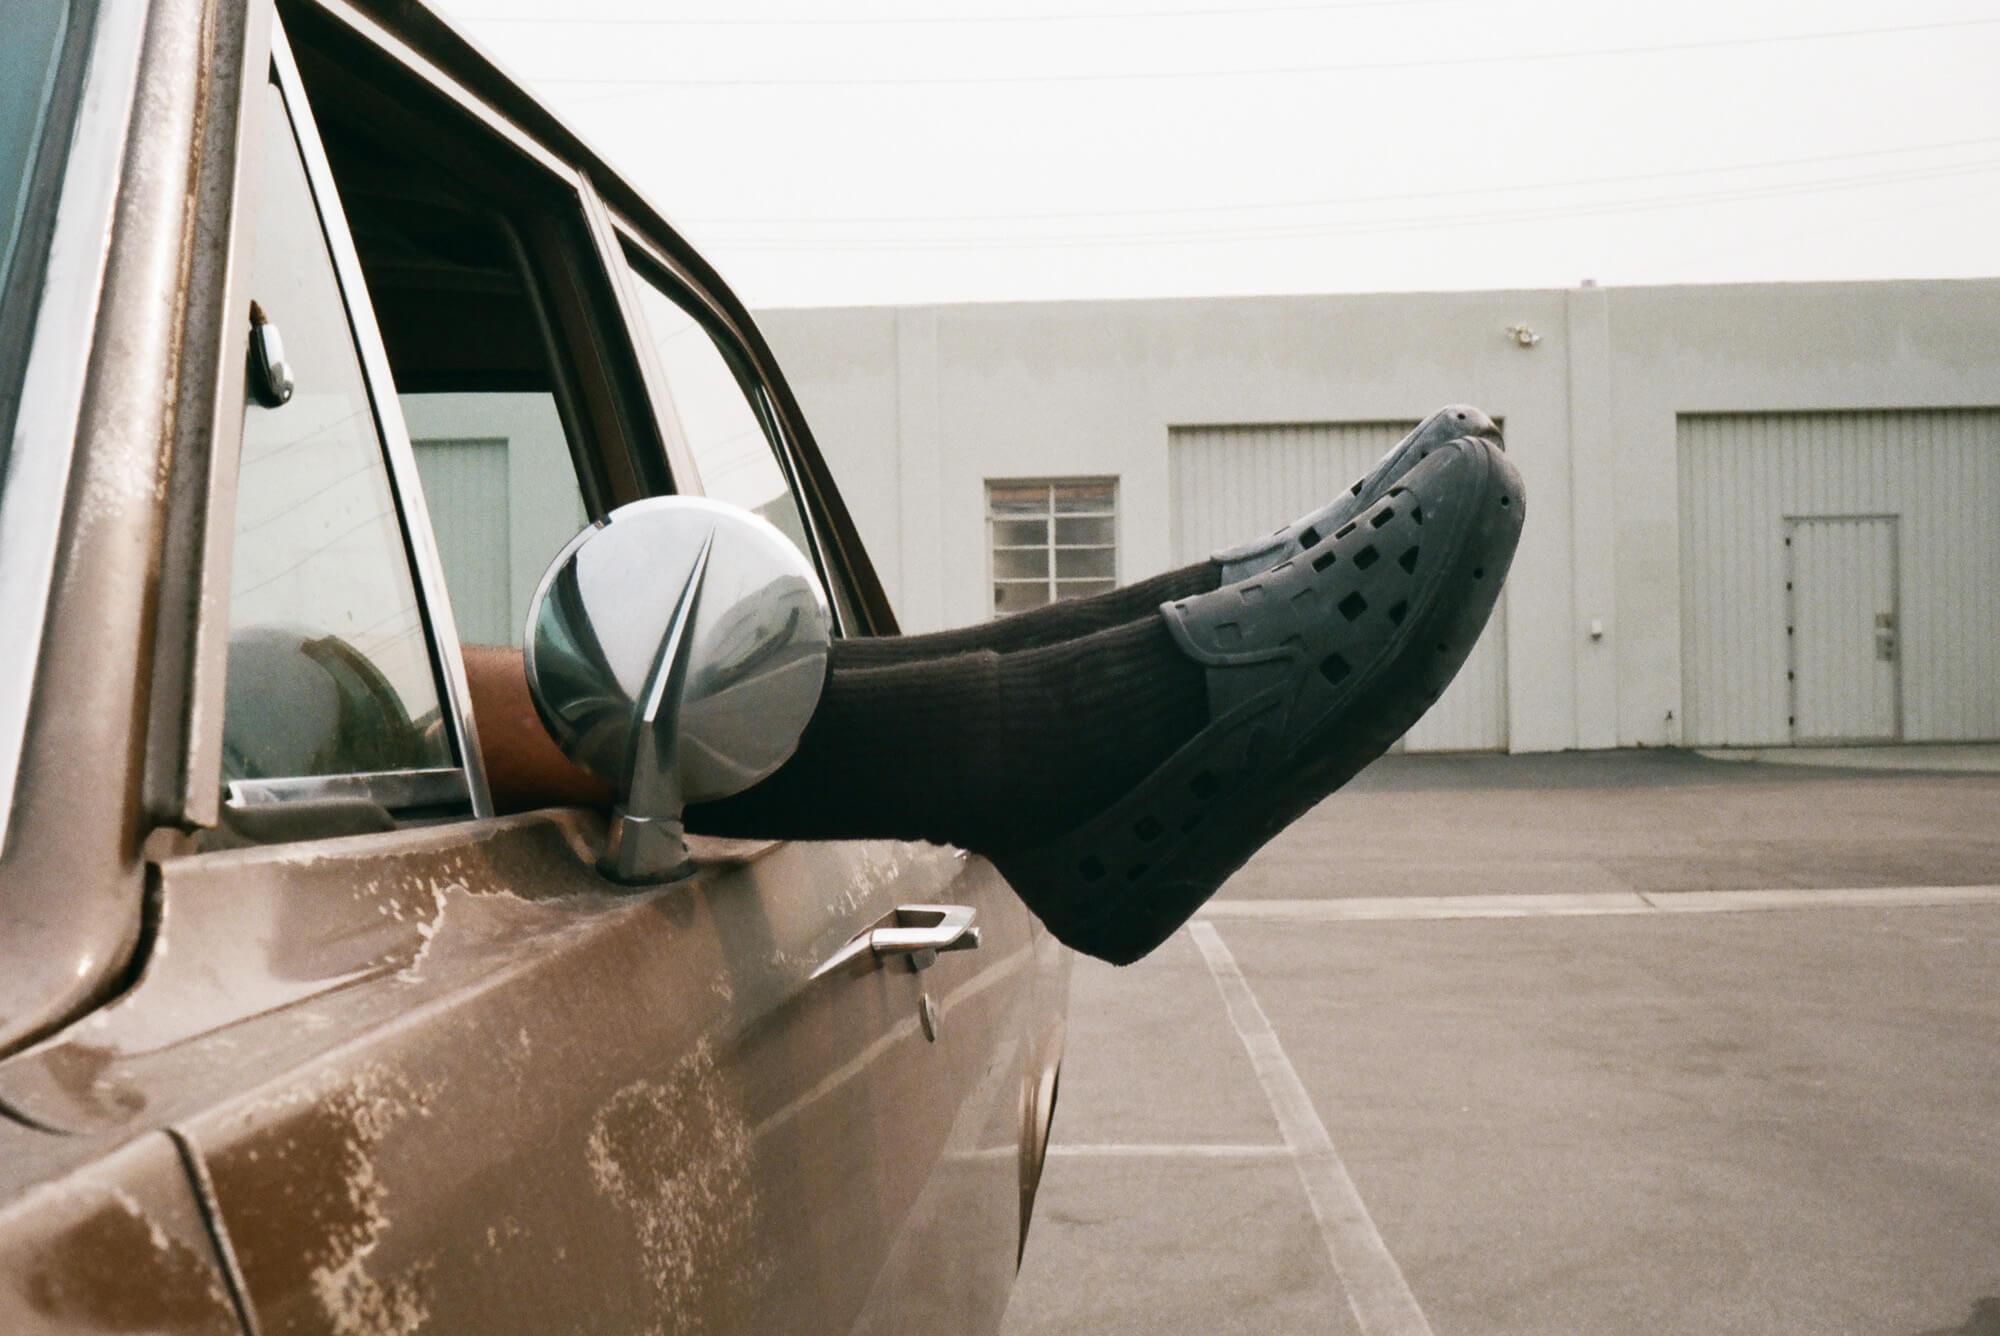 Vans The Trek Slip-On - VN0A5HF8BLK - VN0A5HF8NVY - VN0A5HF850K